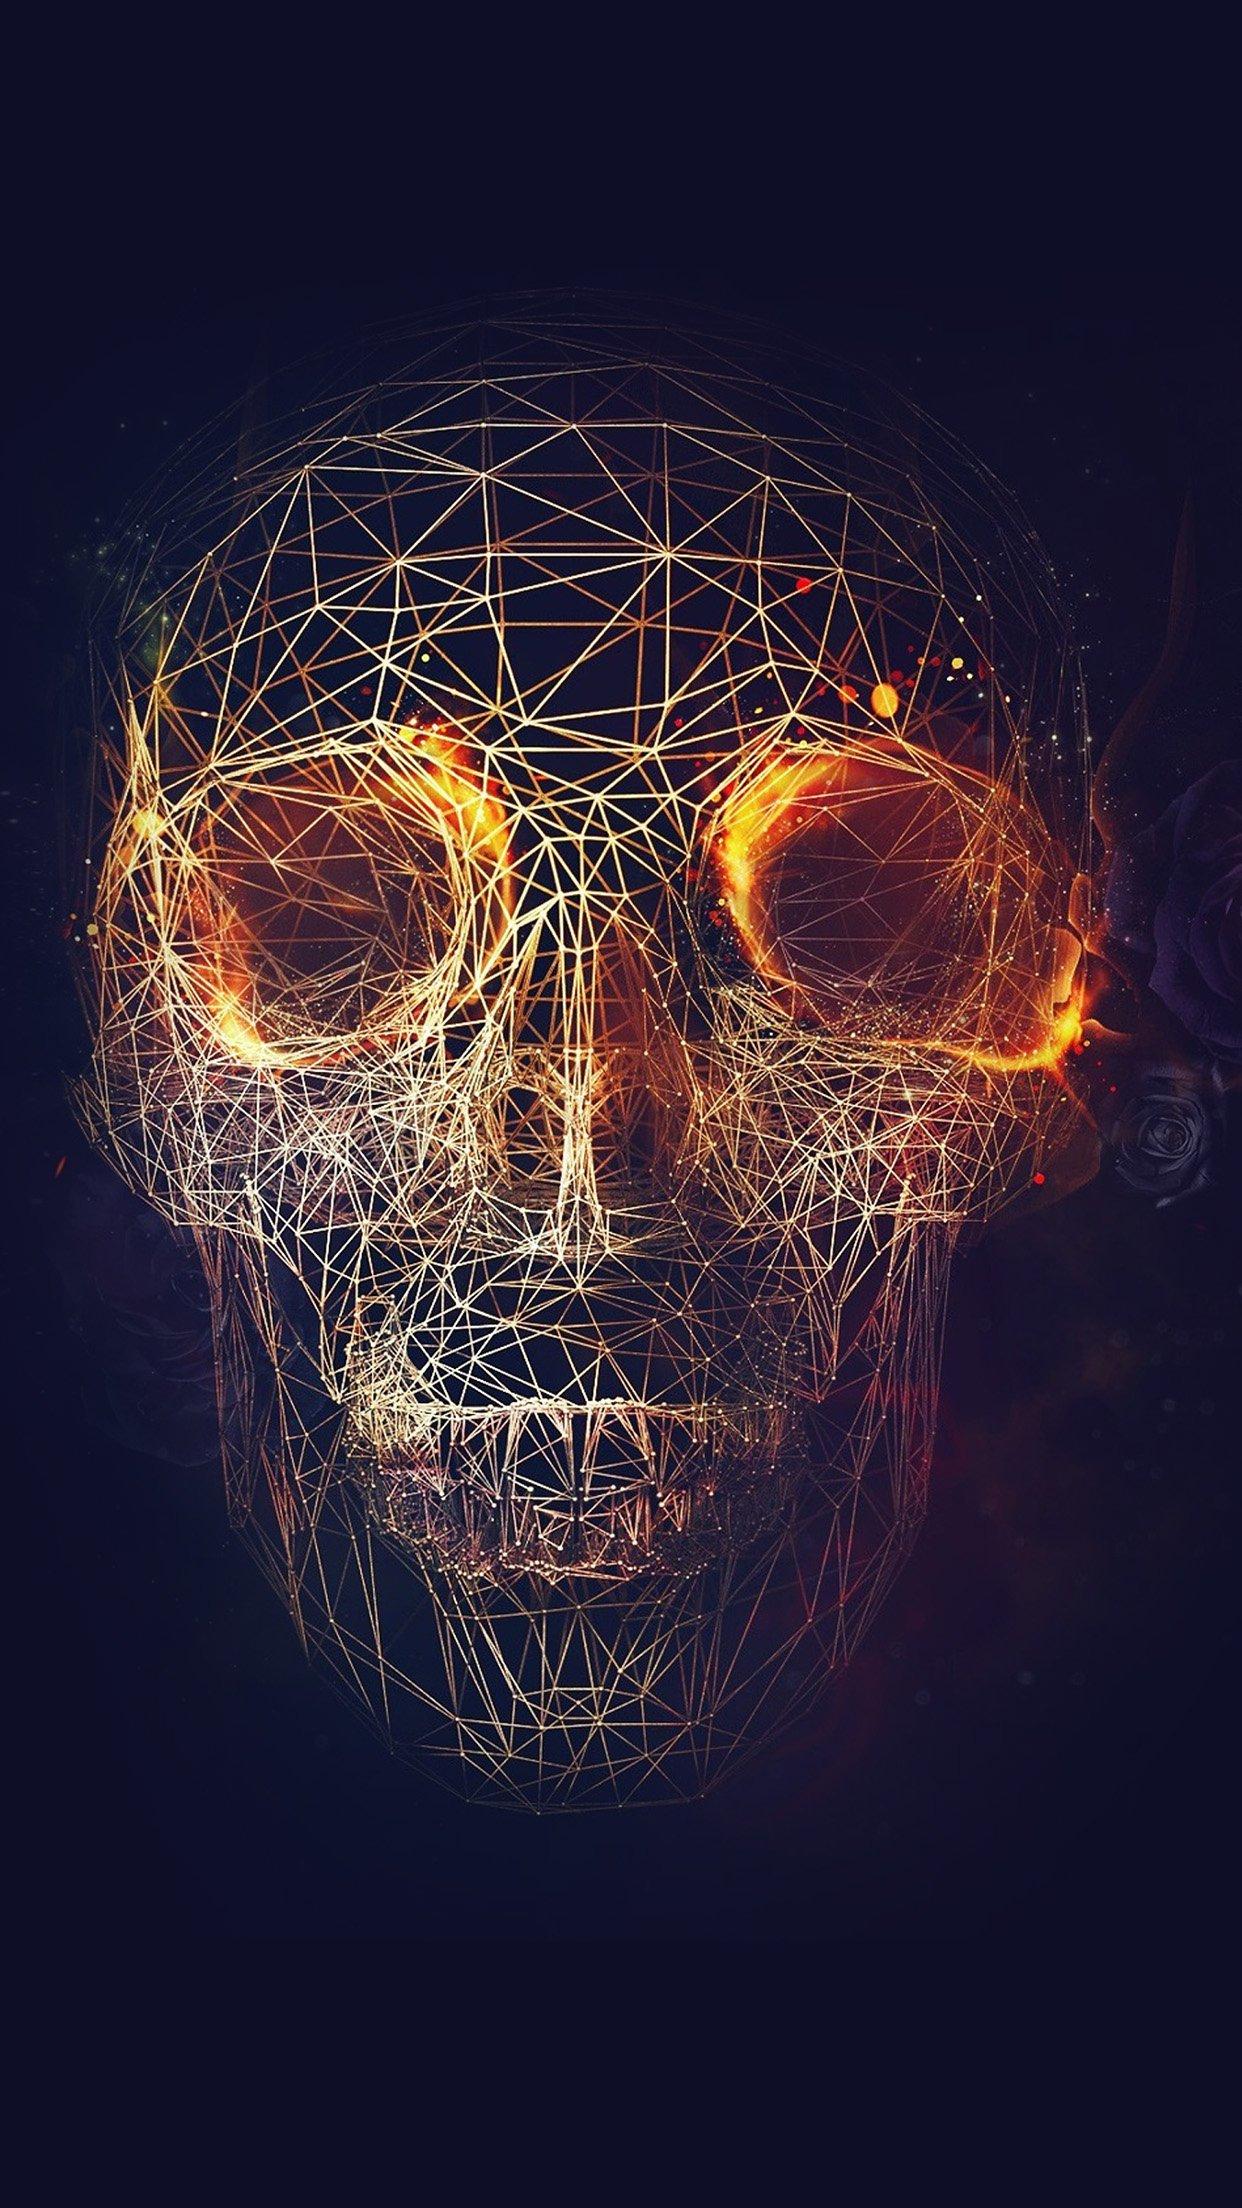 Digital Skull Dark Abstract Art Illustration Android - Phone Hd Wallpaper Abstract Skull - HD Wallpaper